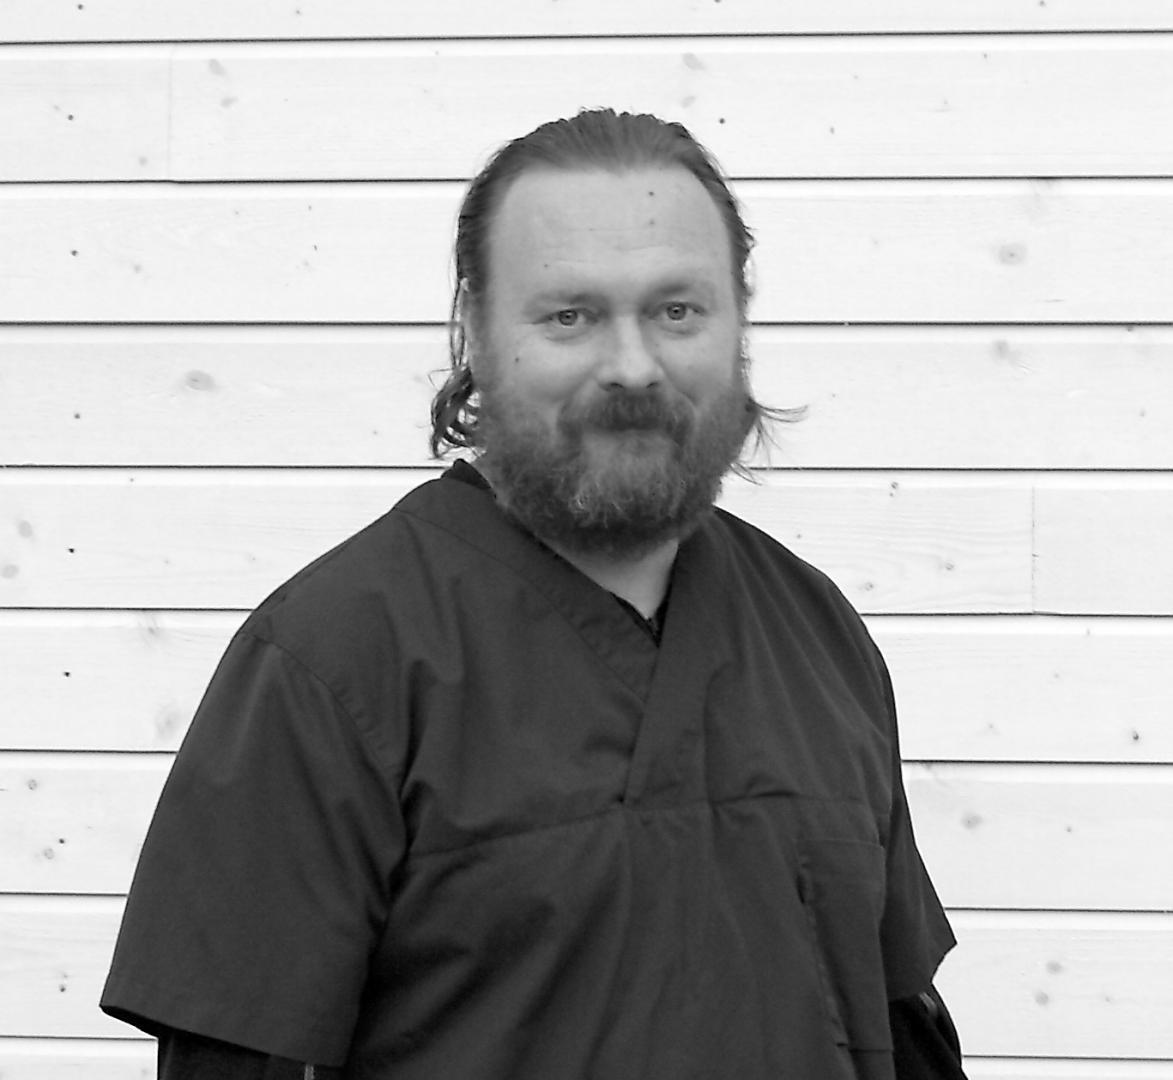 Øyvind Aksnes